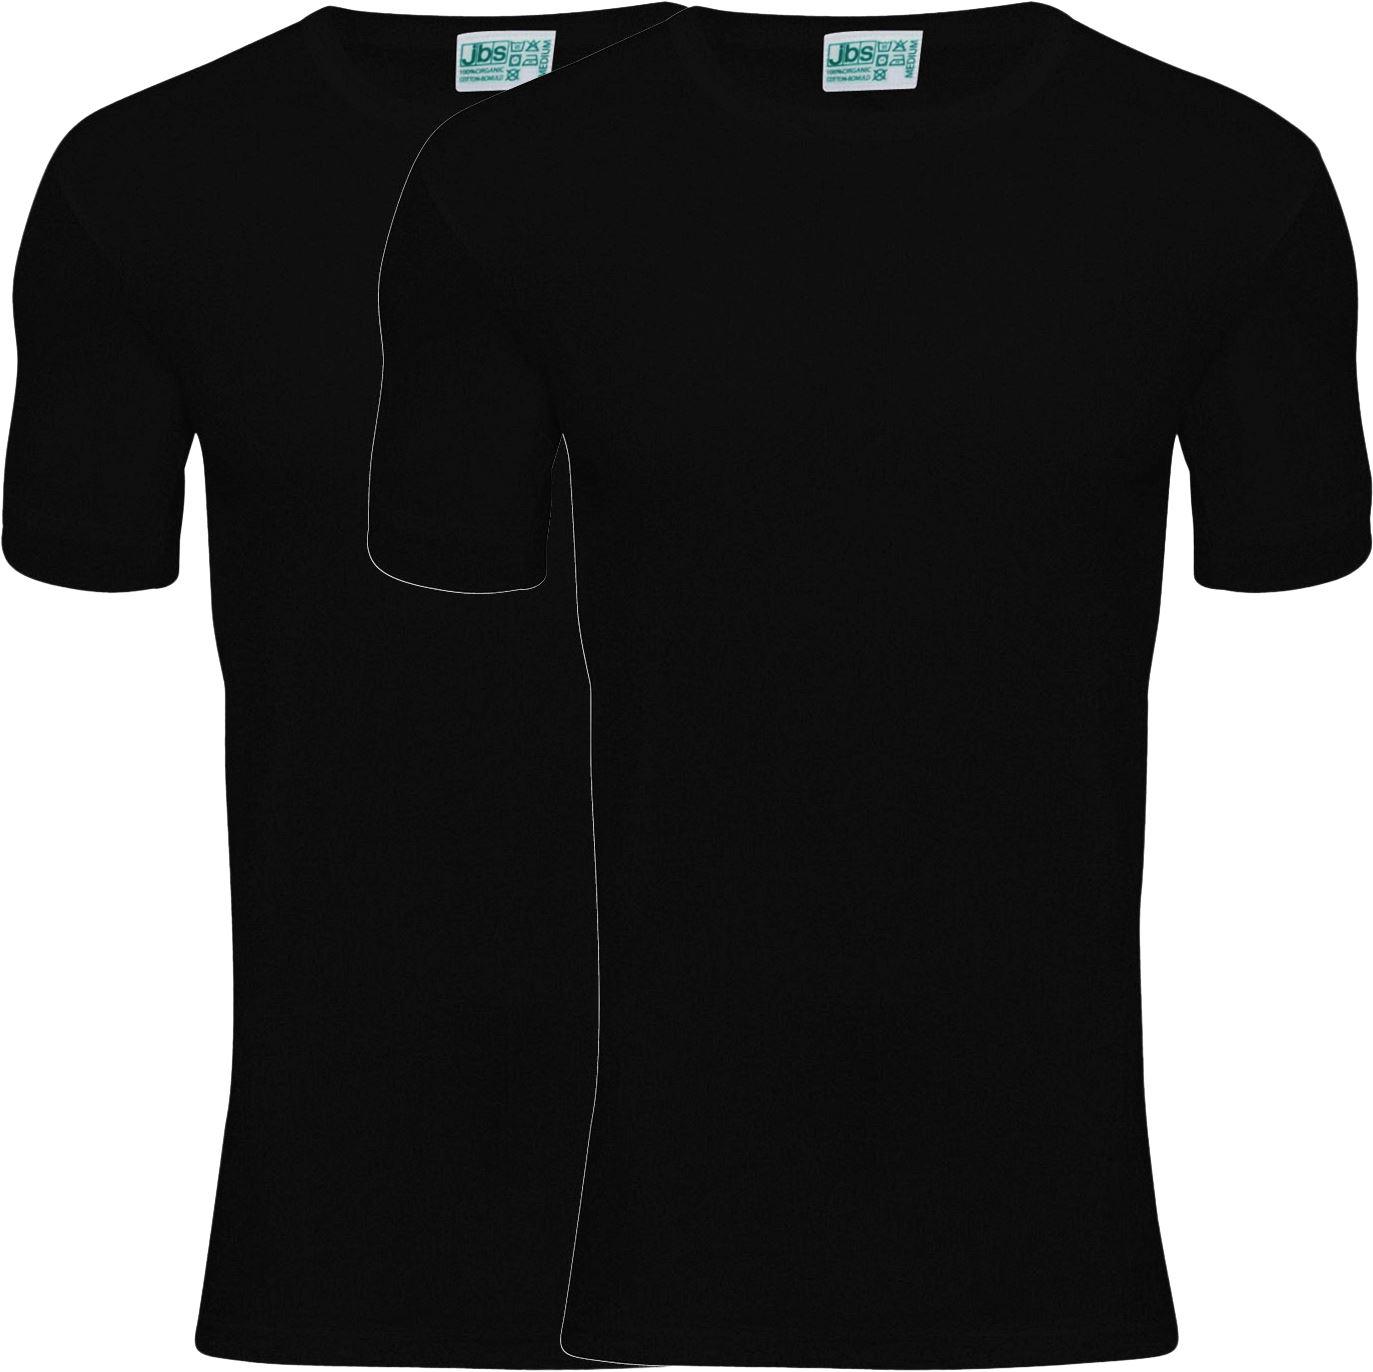 Billede af jbs Organic T-Shirt 380 02 09 2-Pack Sort S-3XL